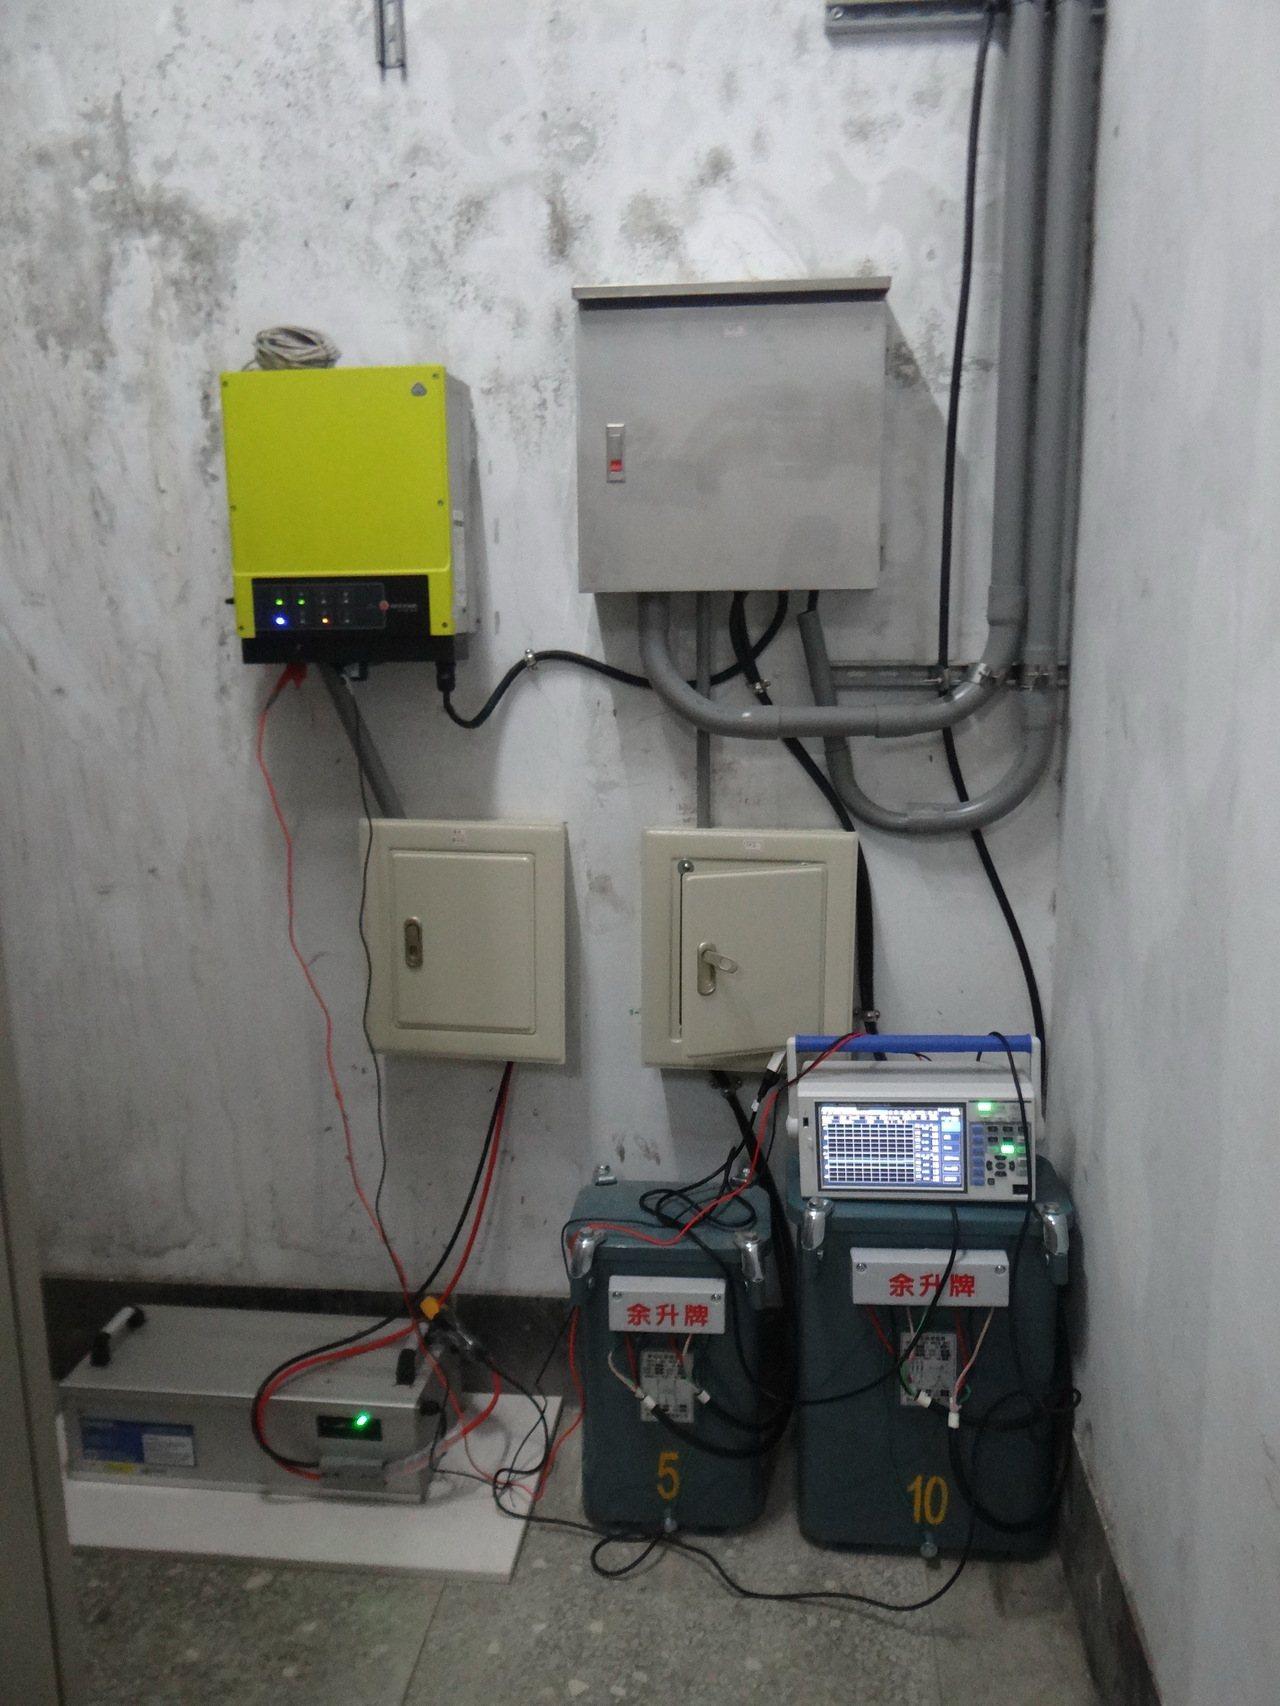 虎科大研發儲電系統,可將太陽能所產的電力,儲存並放電。記者蔡維斌/攝影